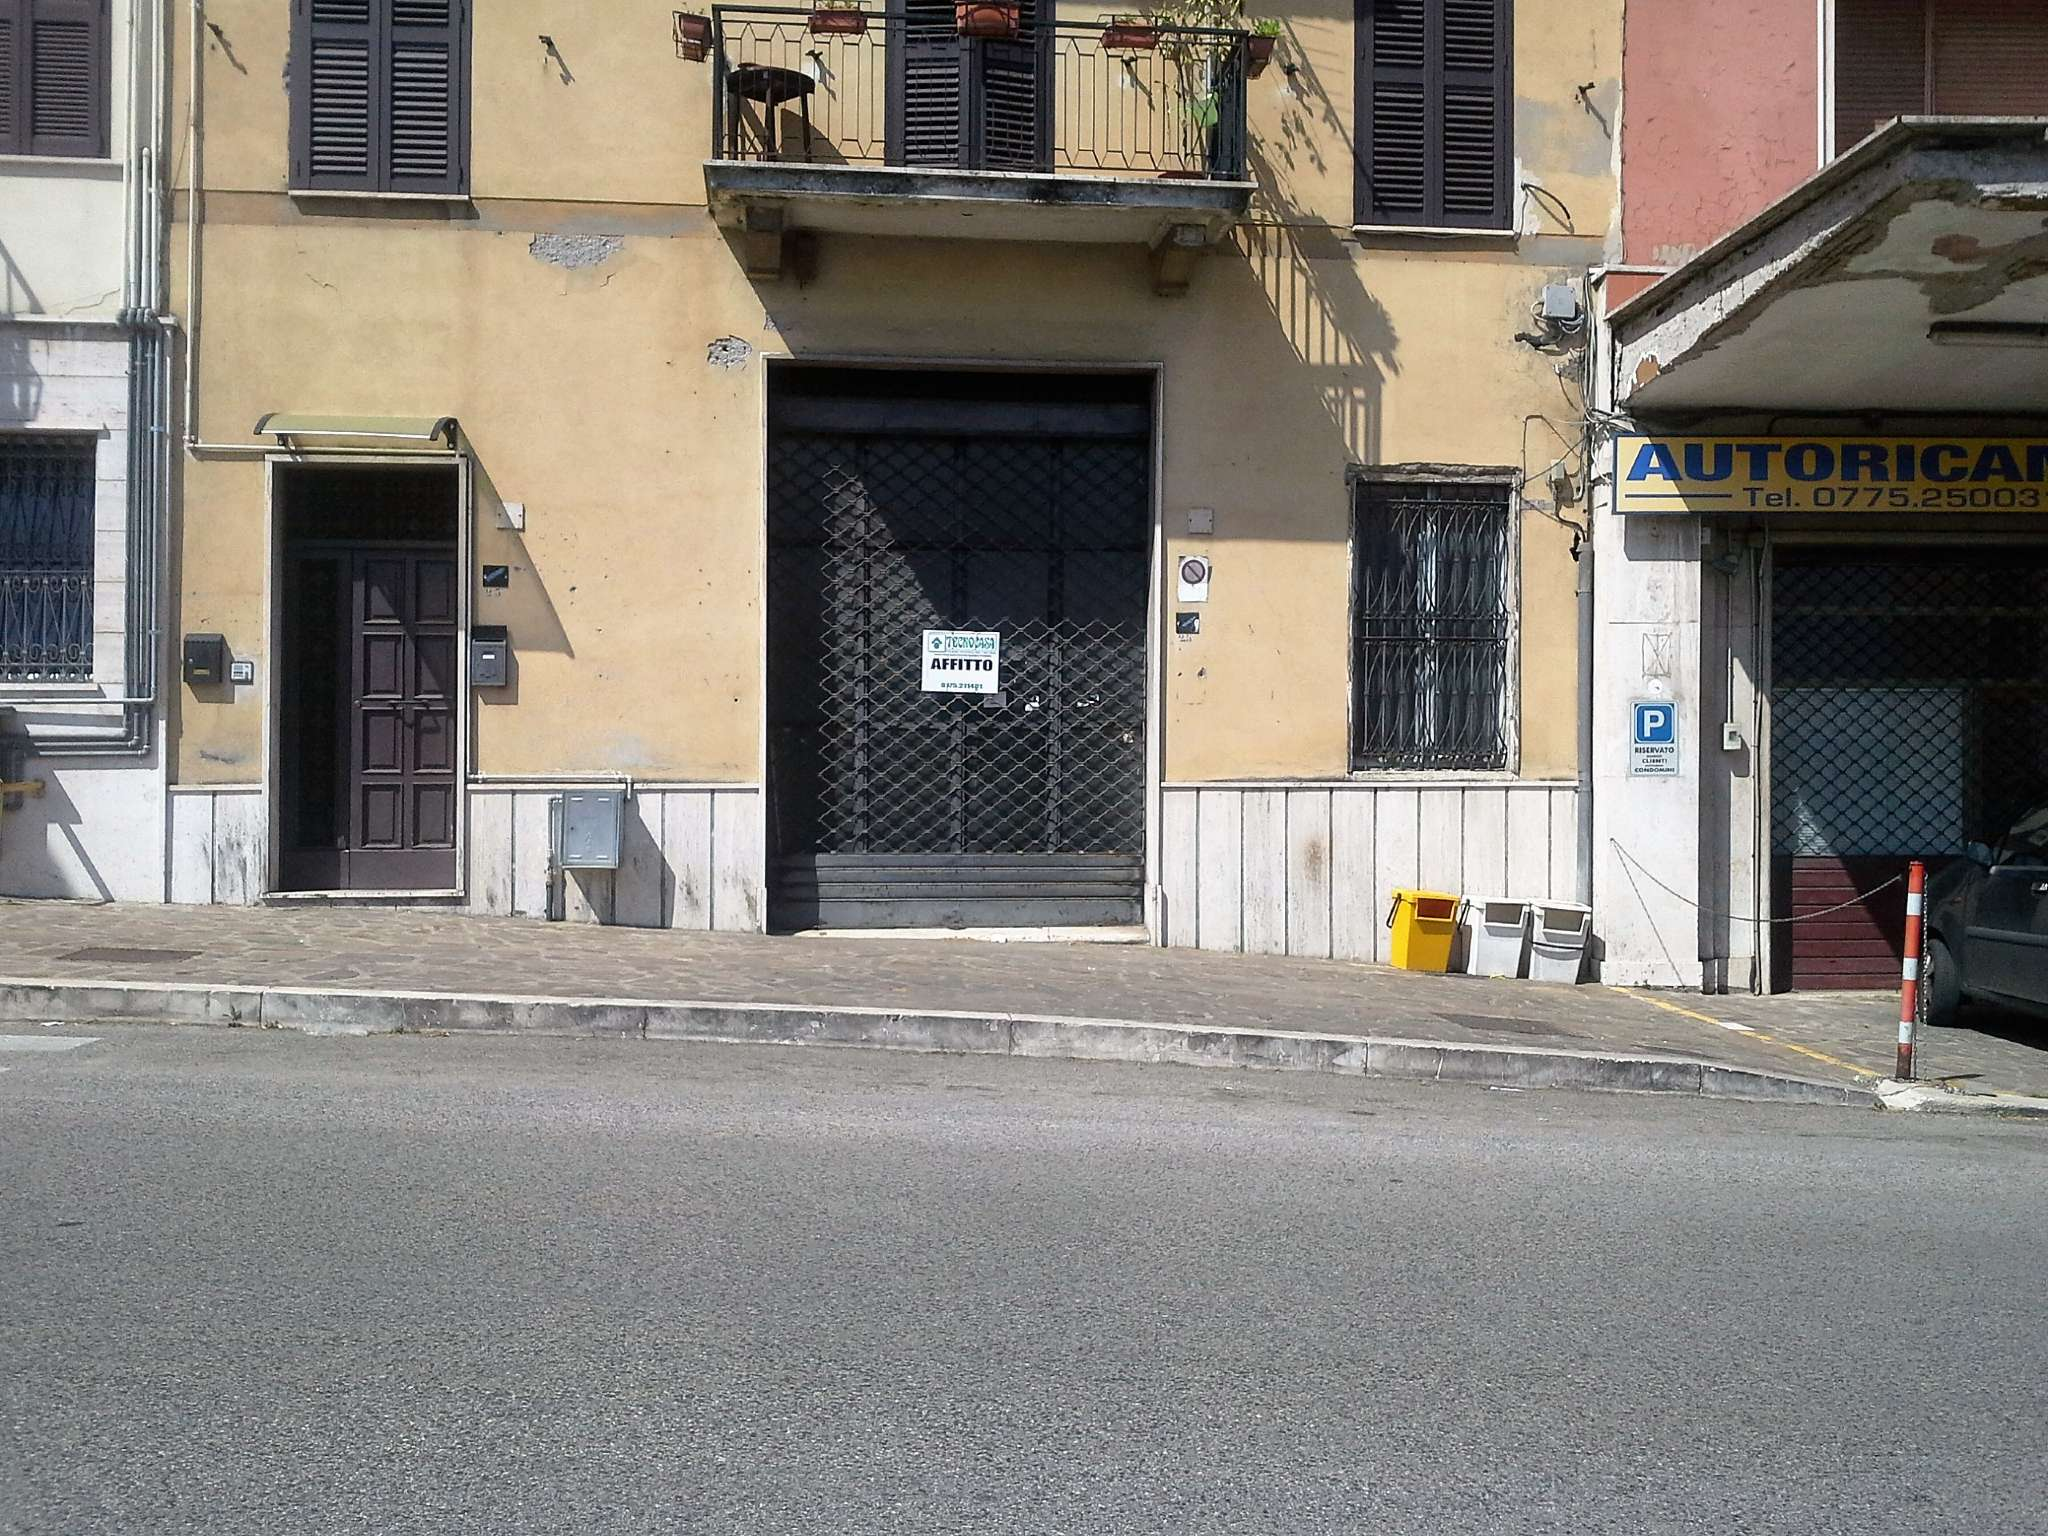 Negozio / Locale in affitto a Frosinone, 1 locali, prezzo € 350 | CambioCasa.it